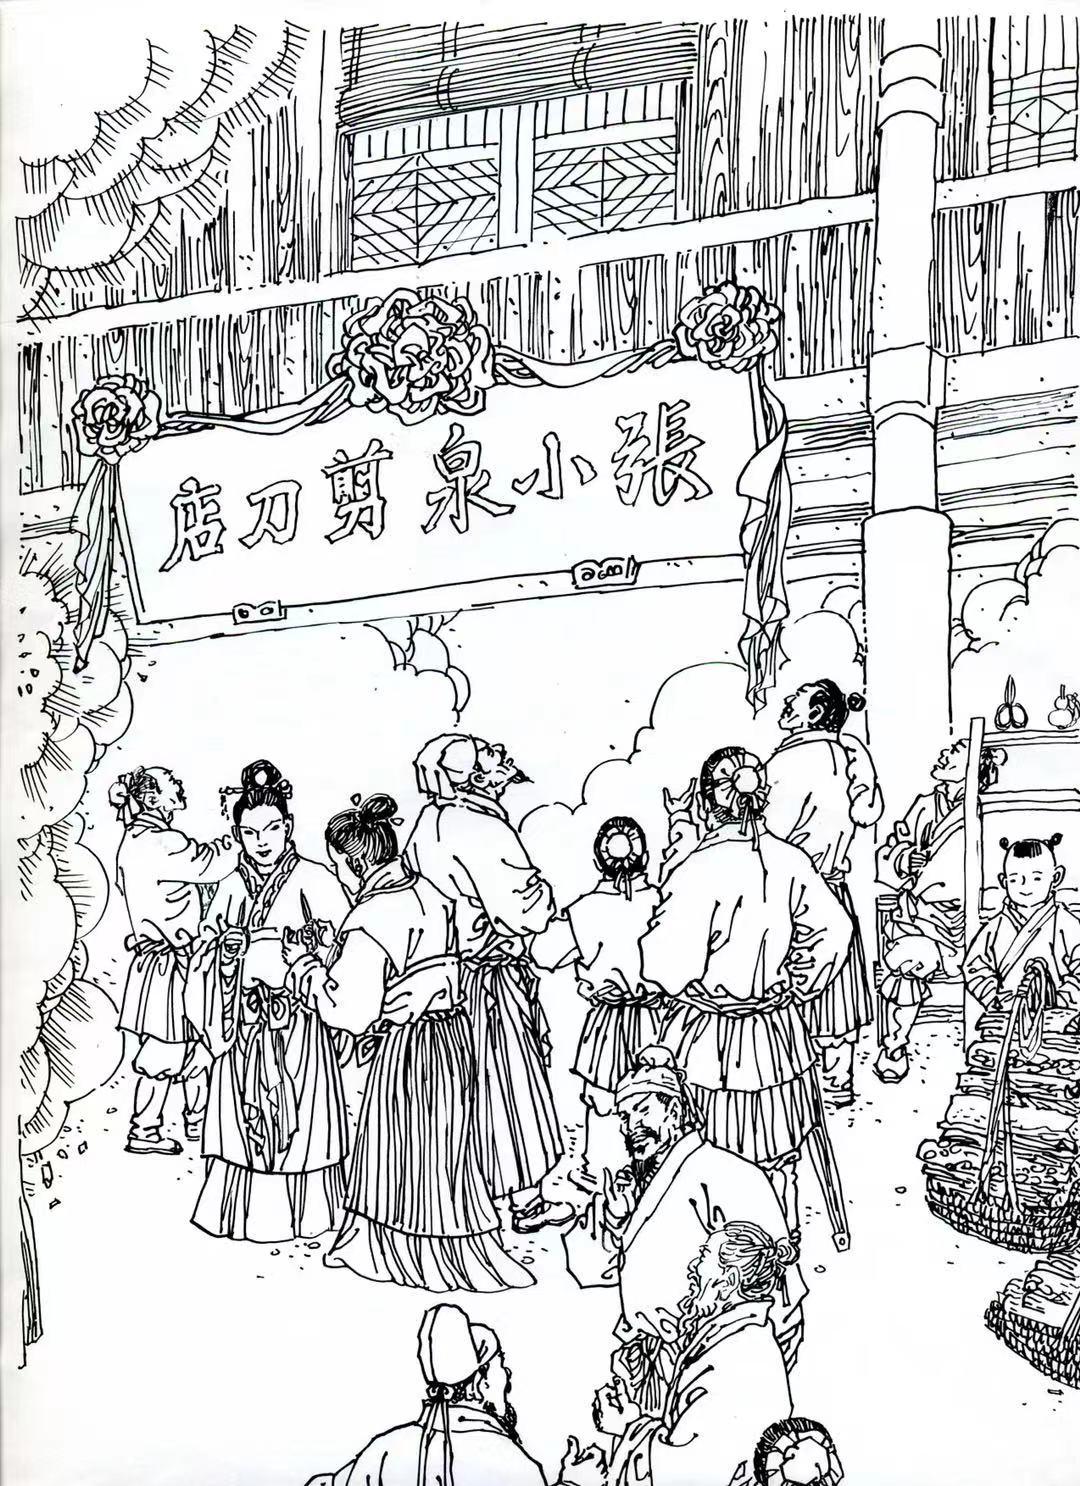 """改号""""张小泉"""":1610年前后,""""张大隆""""迁至杭州大井巷。为避冒牌,张小泉于1628年从其父手中接管店务之日,毅然将""""张大隆""""改成自己的名字""""张小泉""""。"""